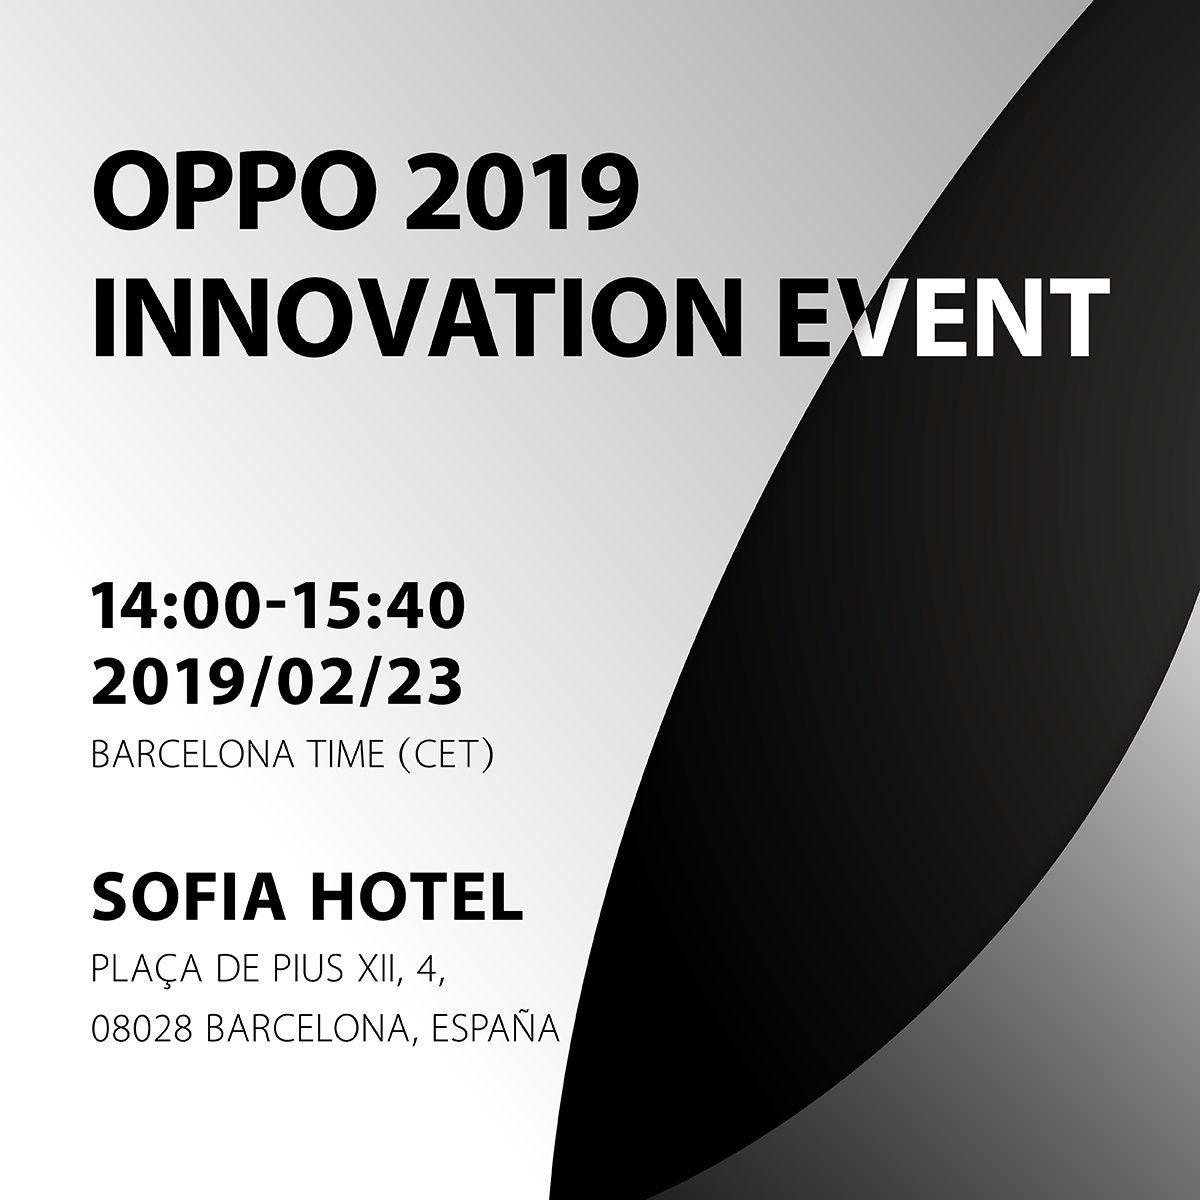 Oppo_invitation2